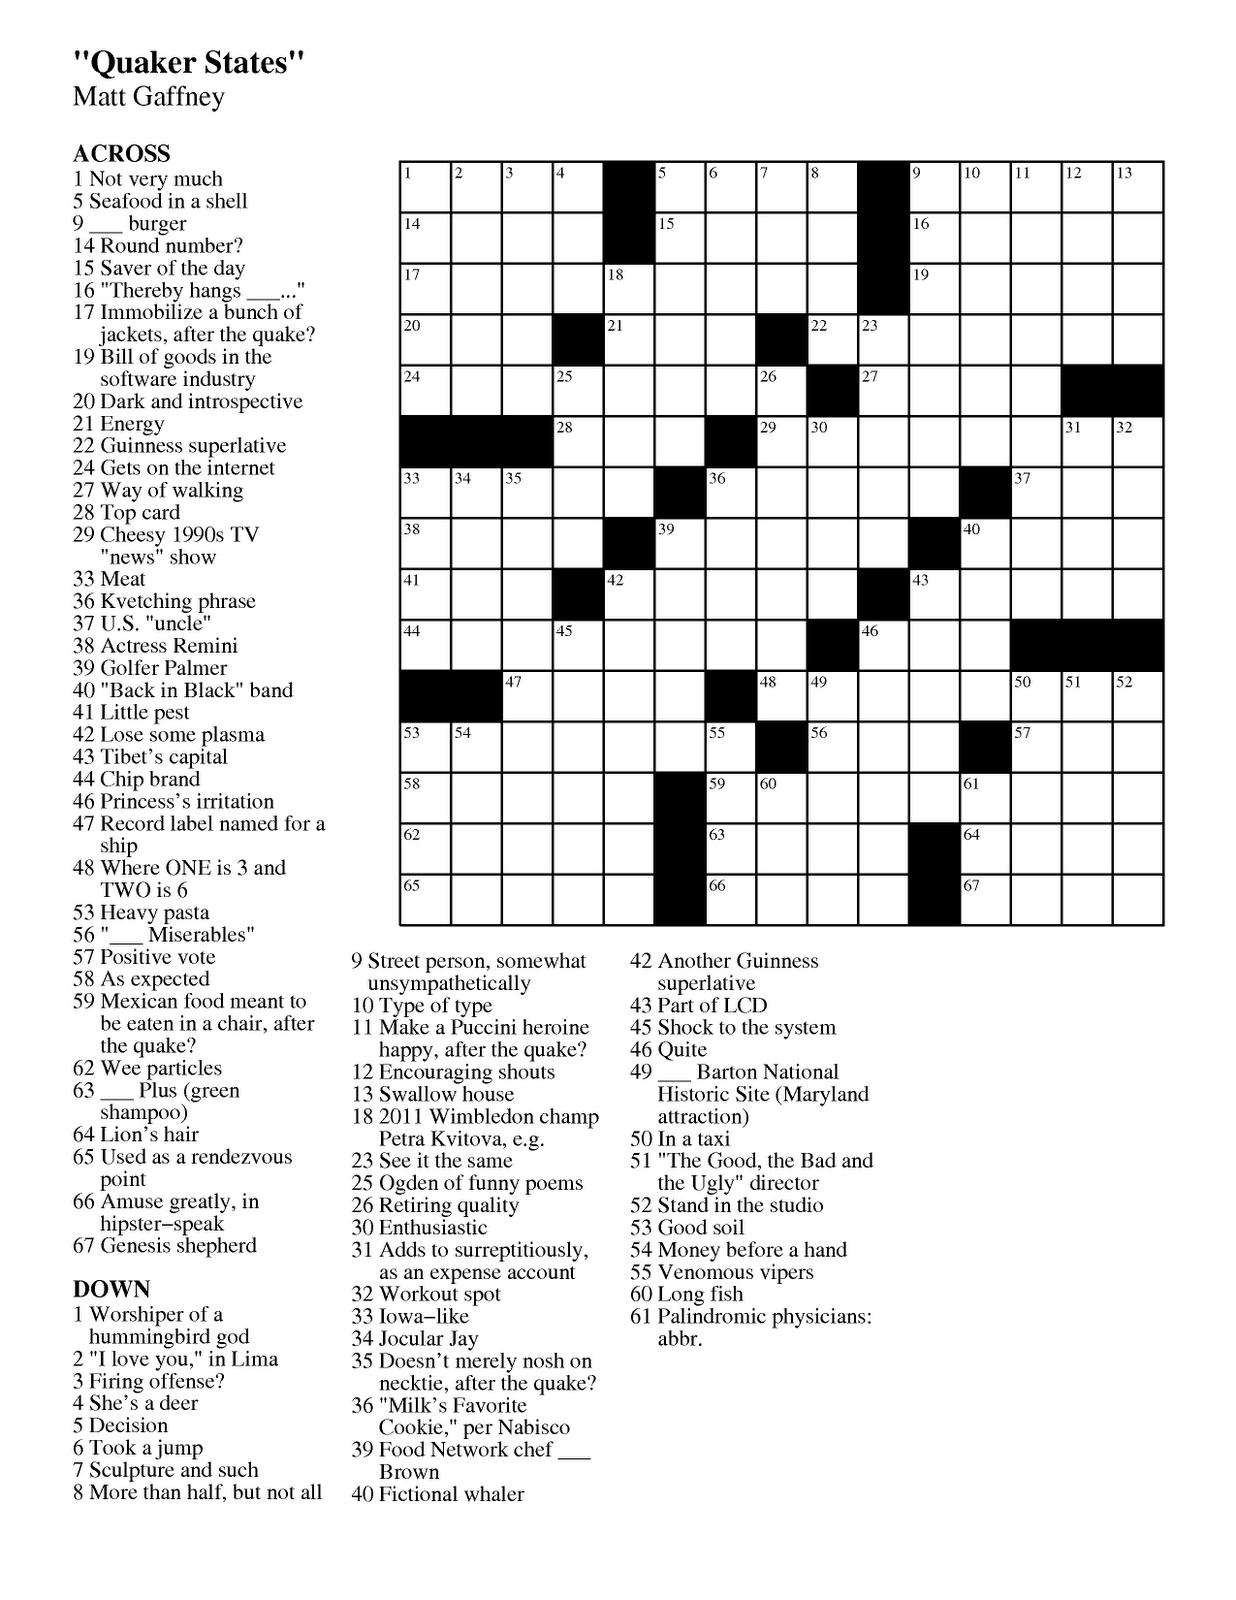 Summer Crossword Puzzle Worksheet - Free Esl Printable Worksheets - Printable Crossword Puzzle For Middle School